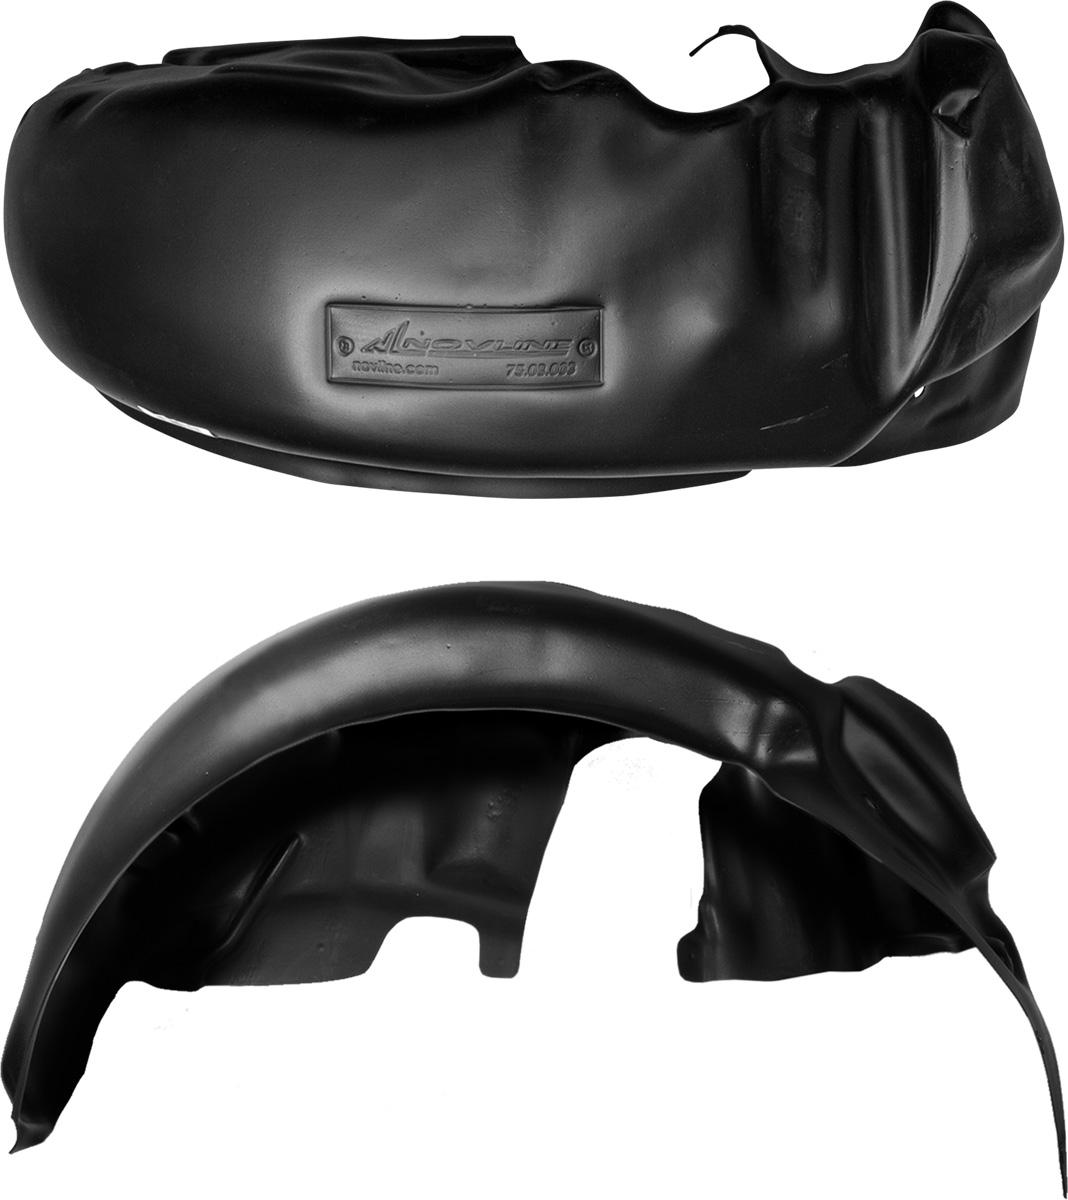 Подкрылок CHEVROLET Cobalt, 2013->, седан, задний левыйCA-3505Колесные ниши – одни из самых уязвимых зон днища вашего автомобиля. Они постоянно подвергаются воздействию со стороны дороги. Лучшая, почти абсолютная защита для них - специально отформованные пластиковые кожухи, которые называются подкрылками, или локерами. Производятся они как для отечественных моделей автомобилей, так и для иномарок. Подкрылки выполнены из высококачественного, экологически чистого пластика. Обеспечивают надежную защиту кузова автомобиля от пескоструйного эффекта и негативного влияния, агрессивных антигололедных реагентов. Пластик обладает более низкой теплопроводностью, чем металл, поэтому в зимний период эксплуатации использование пластиковых подкрылков позволяет лучше защитить колесные ниши от налипания снега и образования наледи. Оригинальность конструкции подчеркивает элегантность автомобиля, бережно защищает нанесенное на днище кузова антикоррозийное покрытие и позволяет осуществить крепление подкрылков внутри колесной арки практически без дополнительного крепежа и сверления, не нарушая при этом лакокрасочного покрытия, что предотвращает возникновение новых очагов коррозии. Технология крепления подкрылков на иномарки принципиально отличается от крепления на российские автомобили и разрабатывается индивидуально для каждой модели автомобиля. Подкрылки долговечны, обладают высокой прочностью и сохраняют заданную форму, а также все свои физико-механические характеристики в самых тяжелых климатических условиях ( от -50° С до + 50° С).